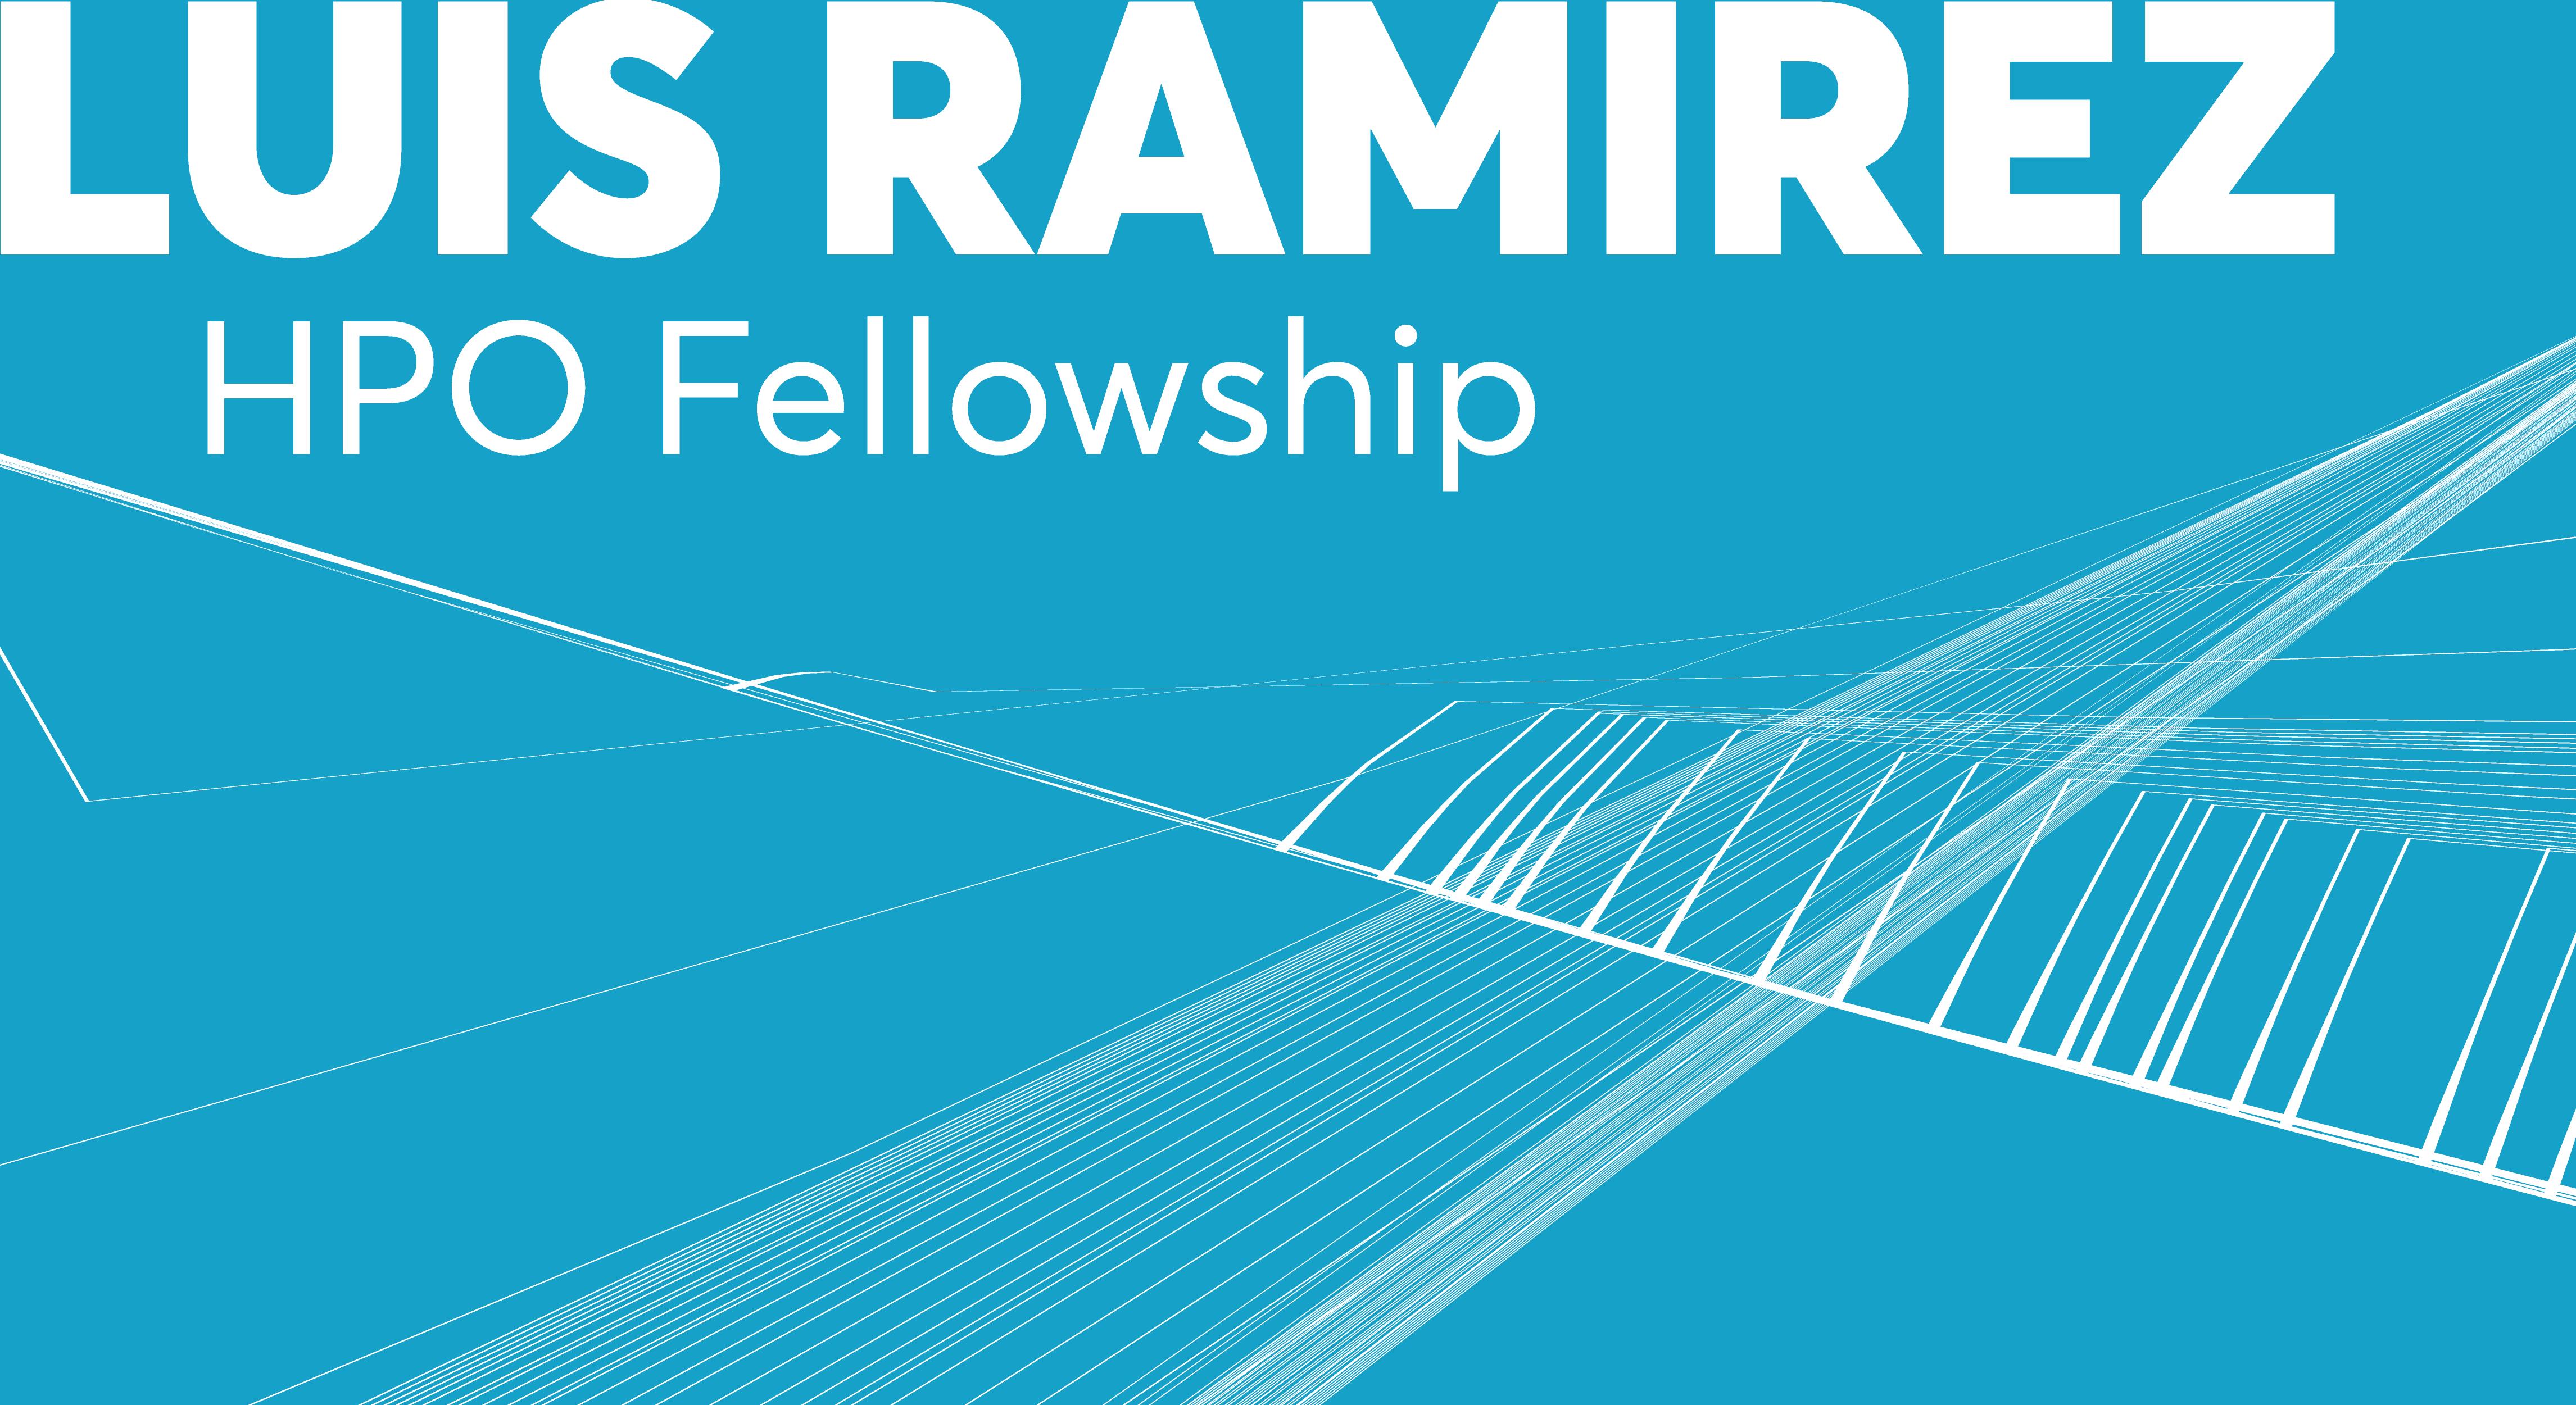 Luis Ramirez HPO Fellowship